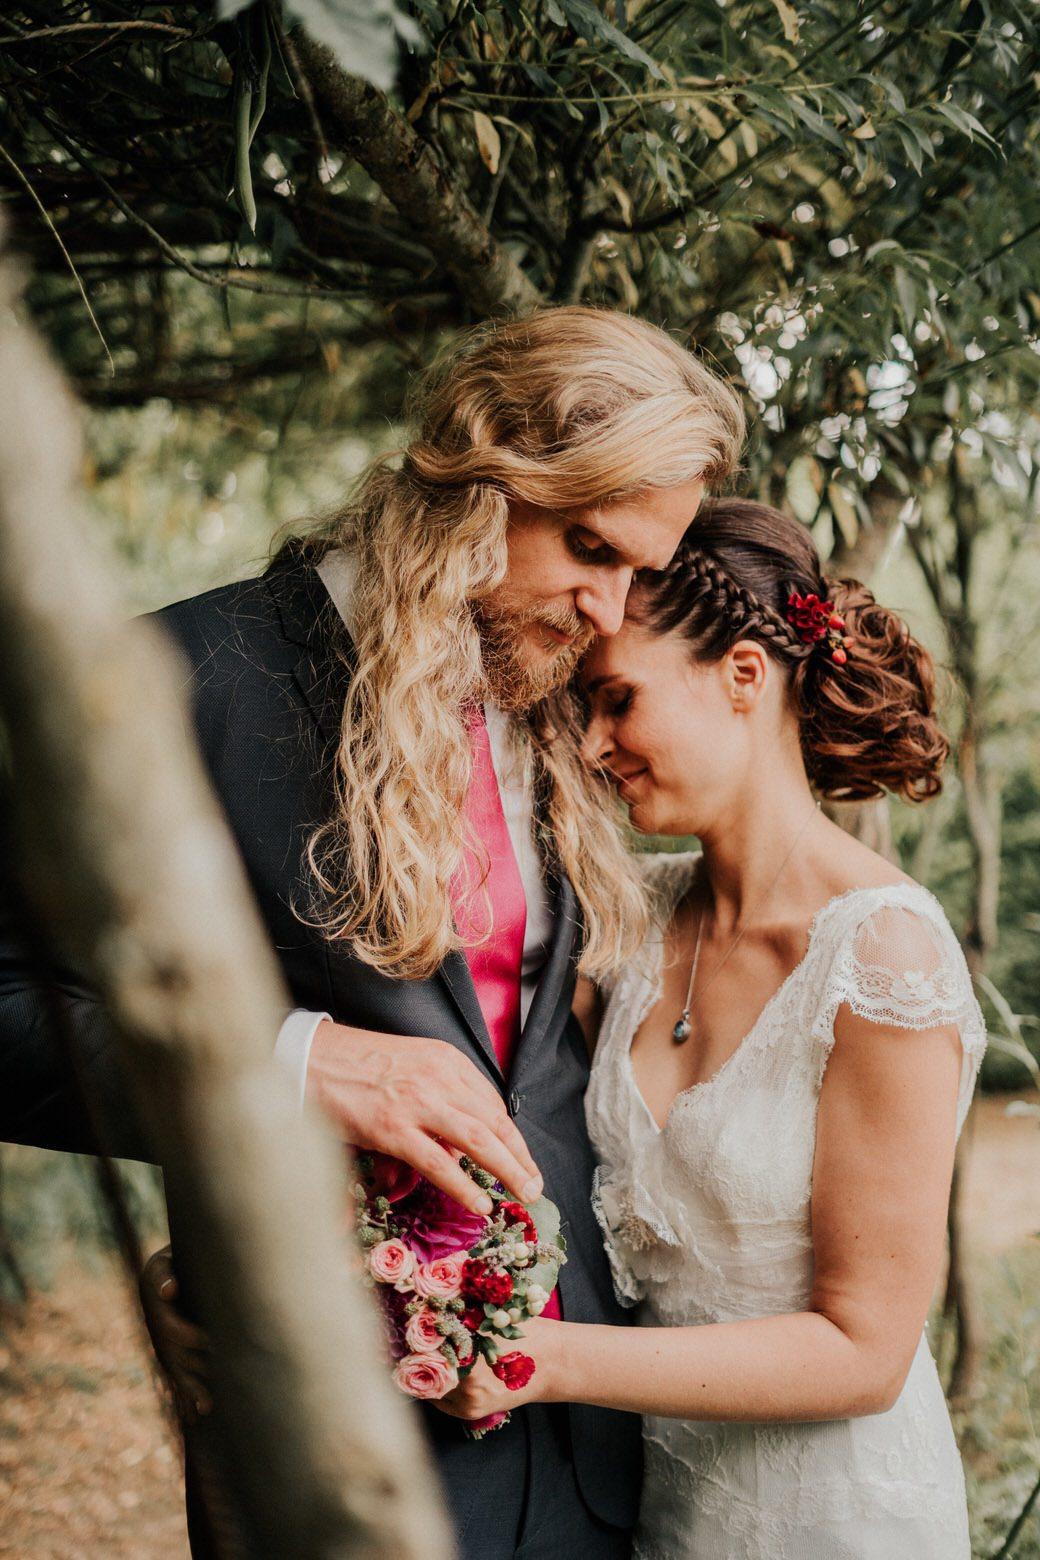 Hochzeitsfotograf für natürliche Hochzeitsbilder in Frankfurt am Main